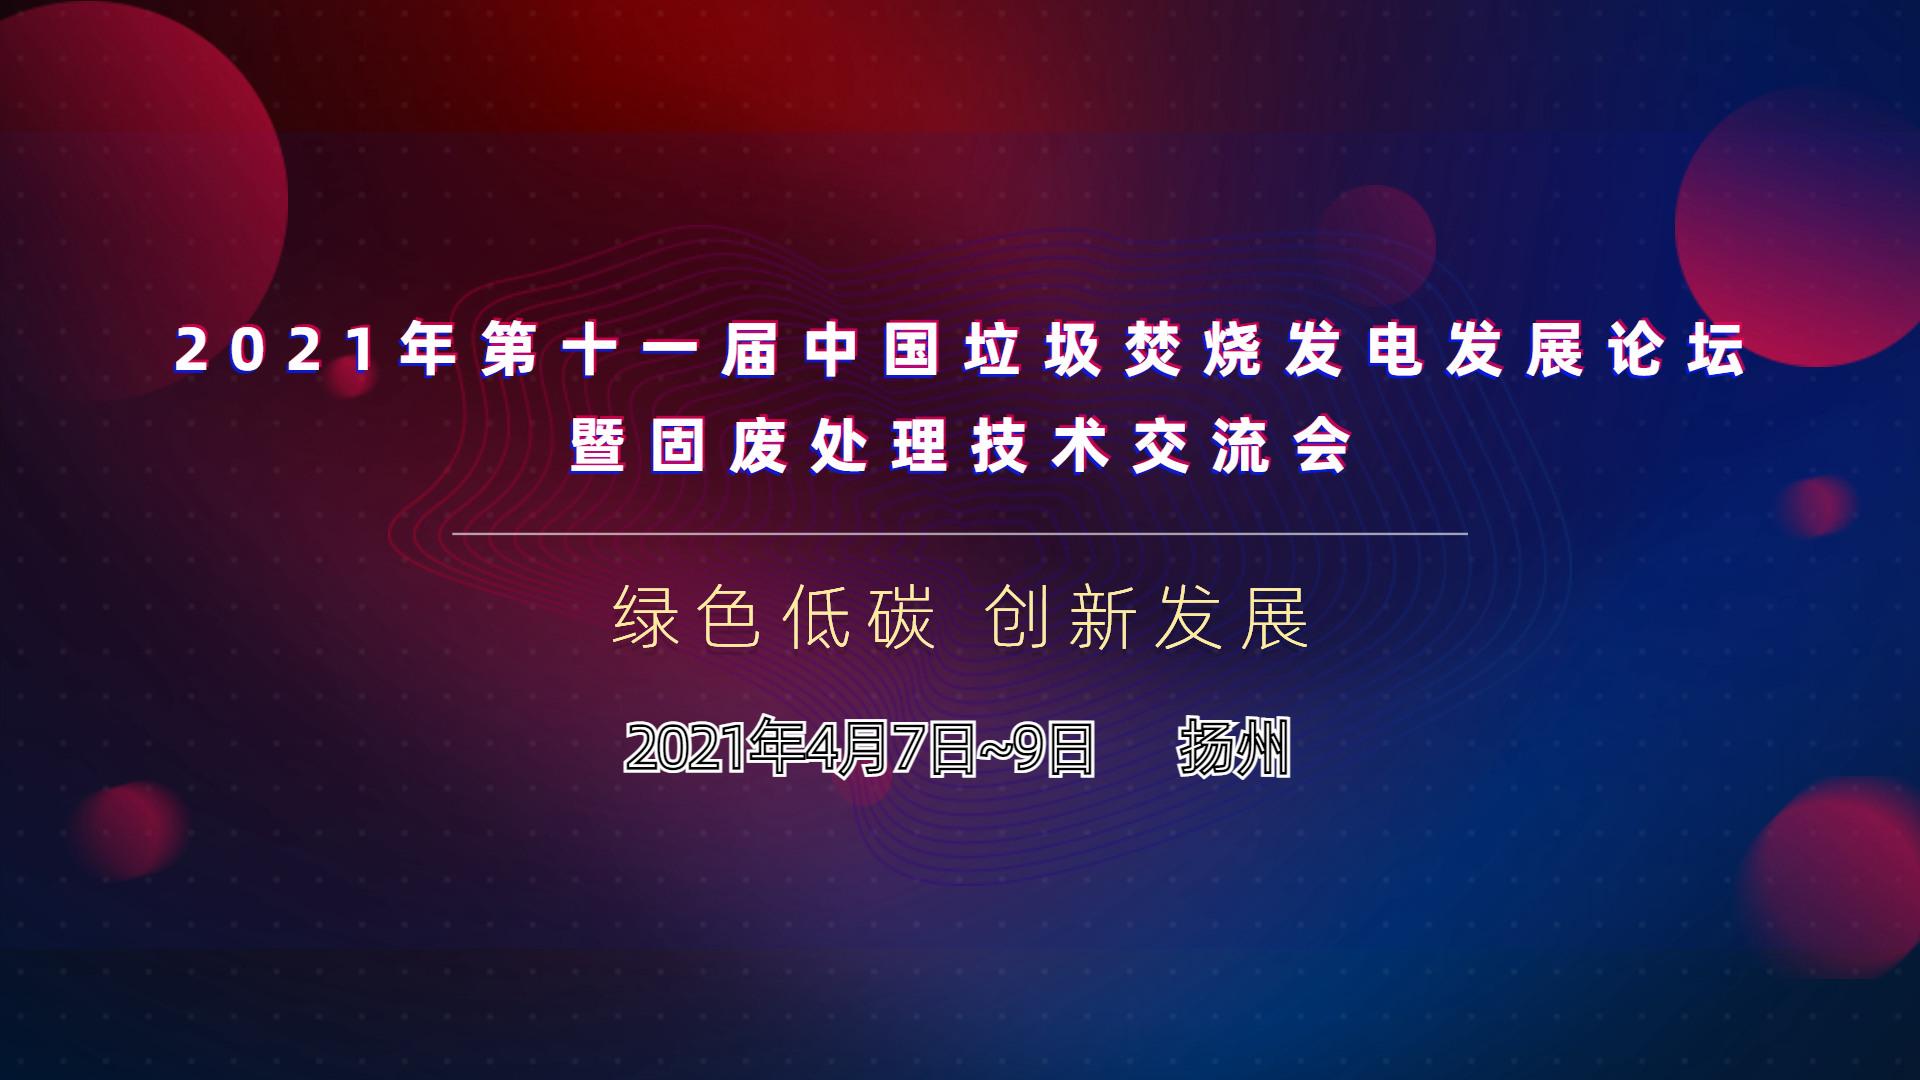 第十一届中国垃圾焚烧发电发展论坛暨固废处理技术交流会